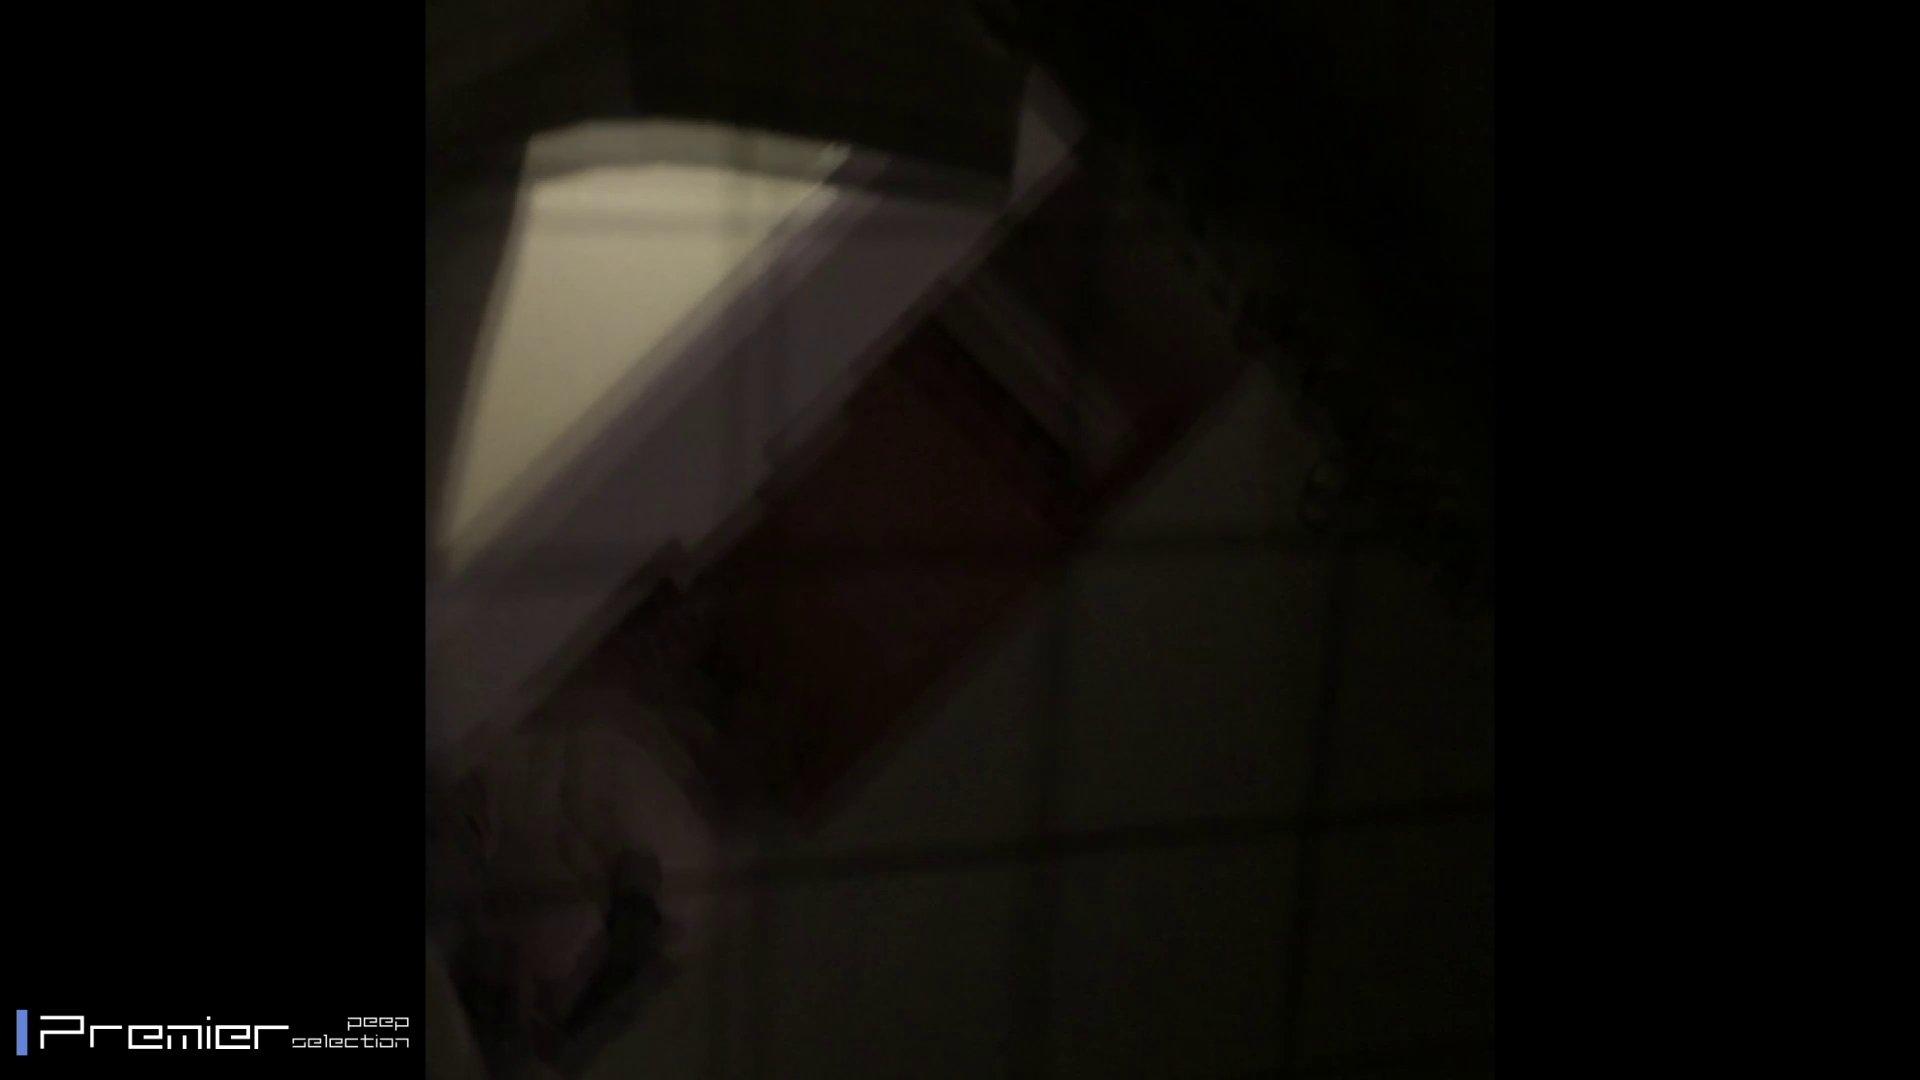 美女達の私生活に潜入!現役美人モデルの入浴シーン 美人コレクション | 入浴シーン  48連発 47